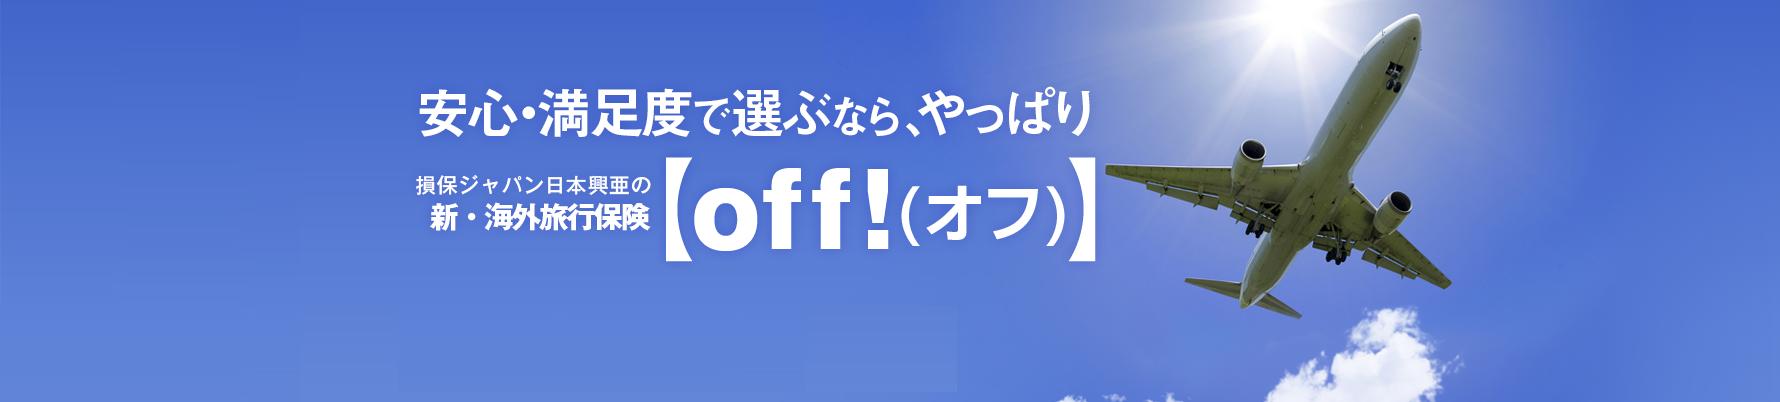 安心・満足度で選ぶなら、やっぱり 損保ジャパン日本興亜の新・海外旅行保険【off!(オフ)】